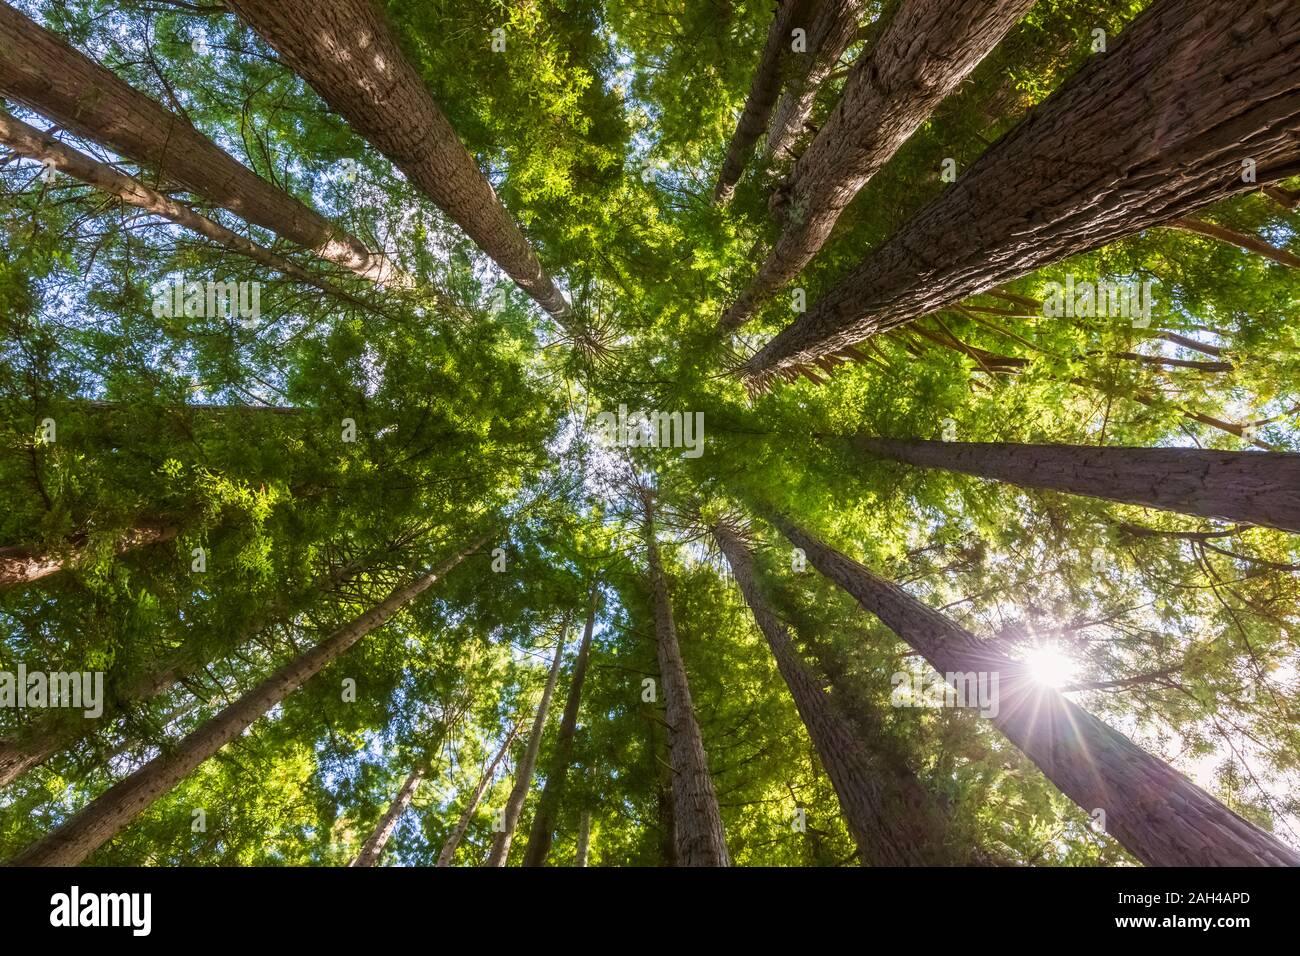 Nueva Zelanda, en Oceanía, en la Isla del Norte, Rotorua, Hamurana Springs Reserva Natural, vista de ángulo bajo bosque Redwood (Sequoioideae) Foto de stock